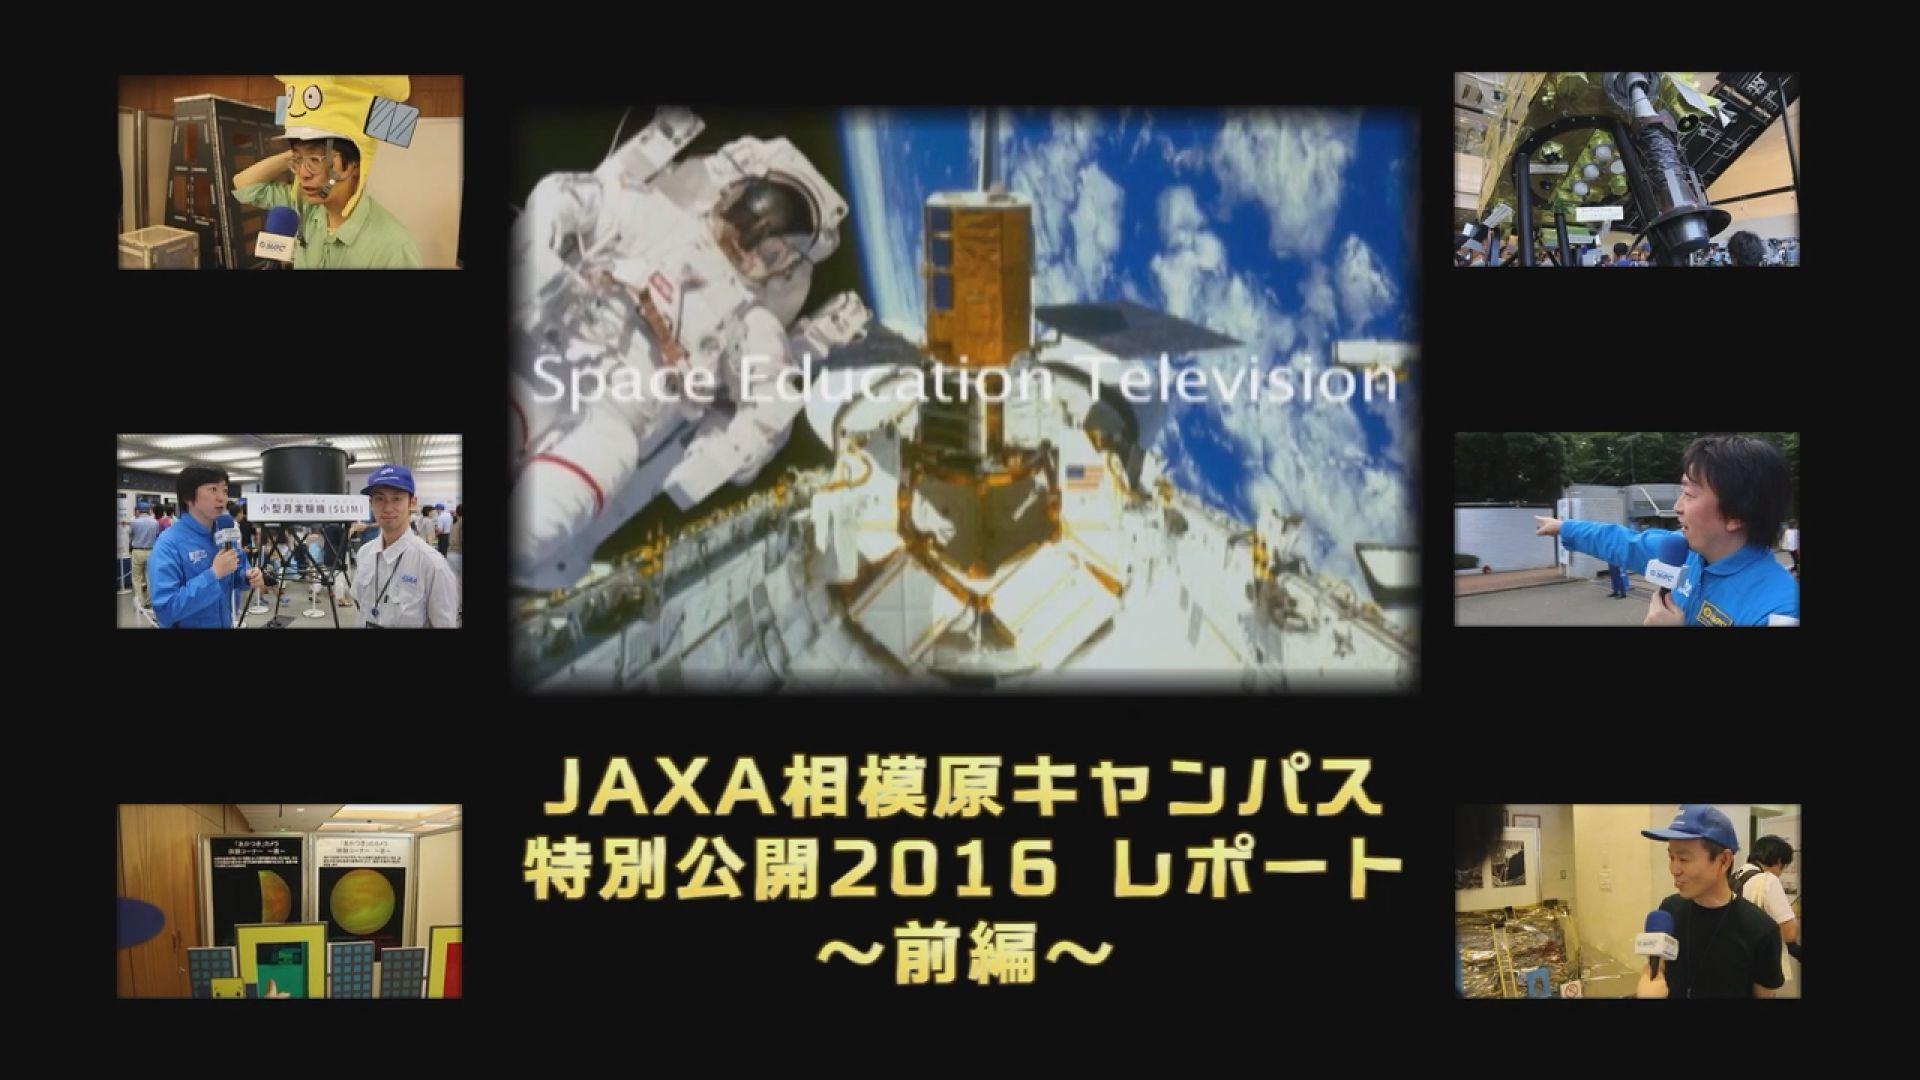 【宇宙教育テレビ】相模原キャンパス特別公開レポート